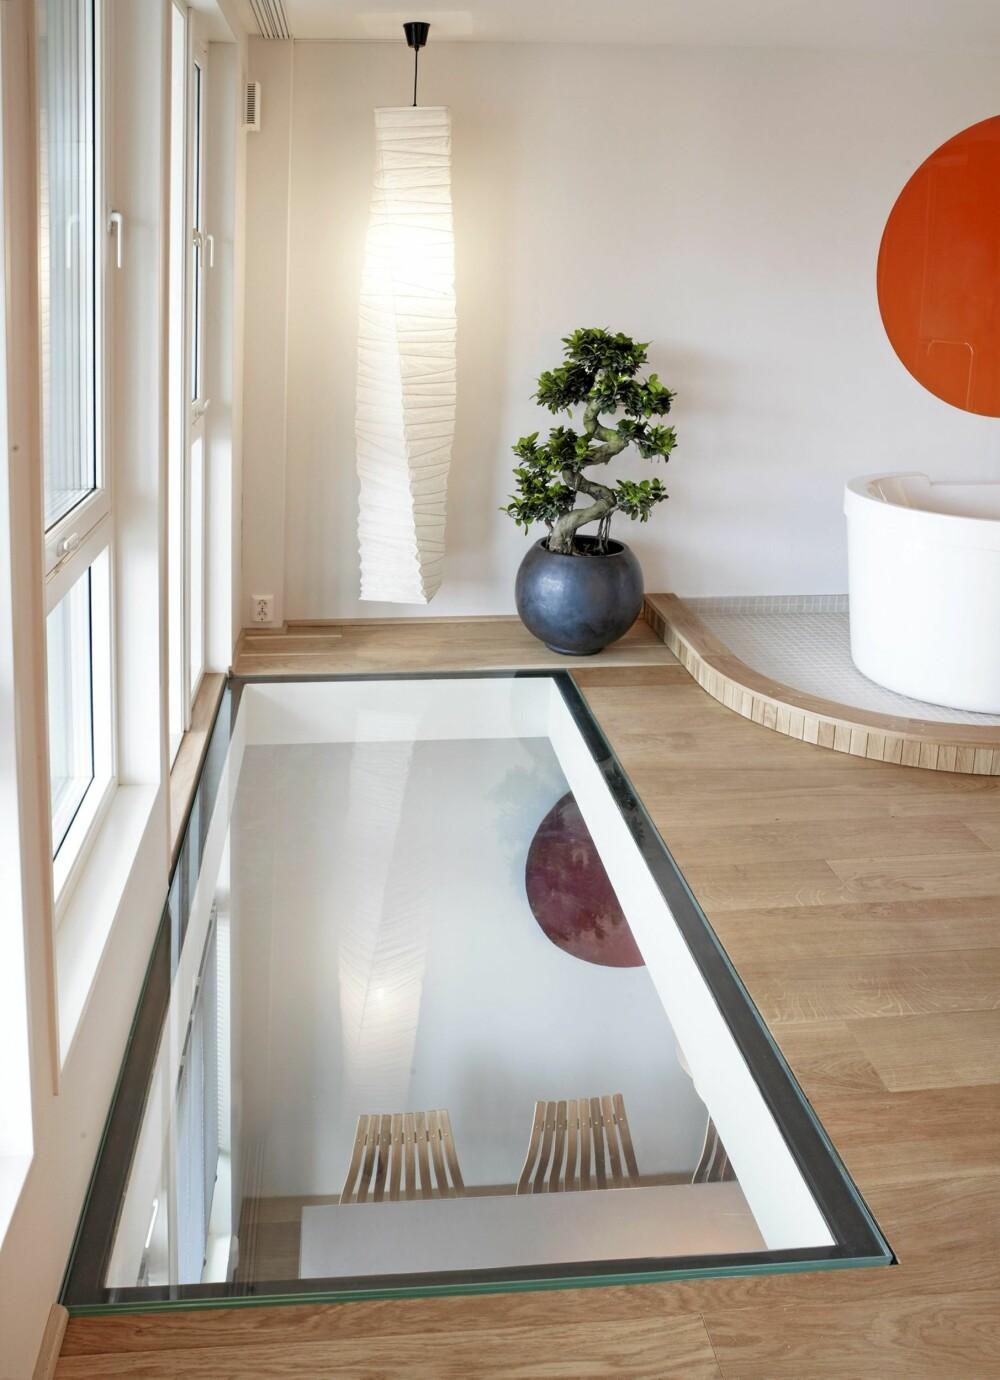 GJENNOMSIKTIG GULV: En to kvm stor glassplate på gulvet øker romfølelsen dramatisk i begge etasjer. Fatet på veggen i etasjen under gjentar «designsirkelen» over badekaret.